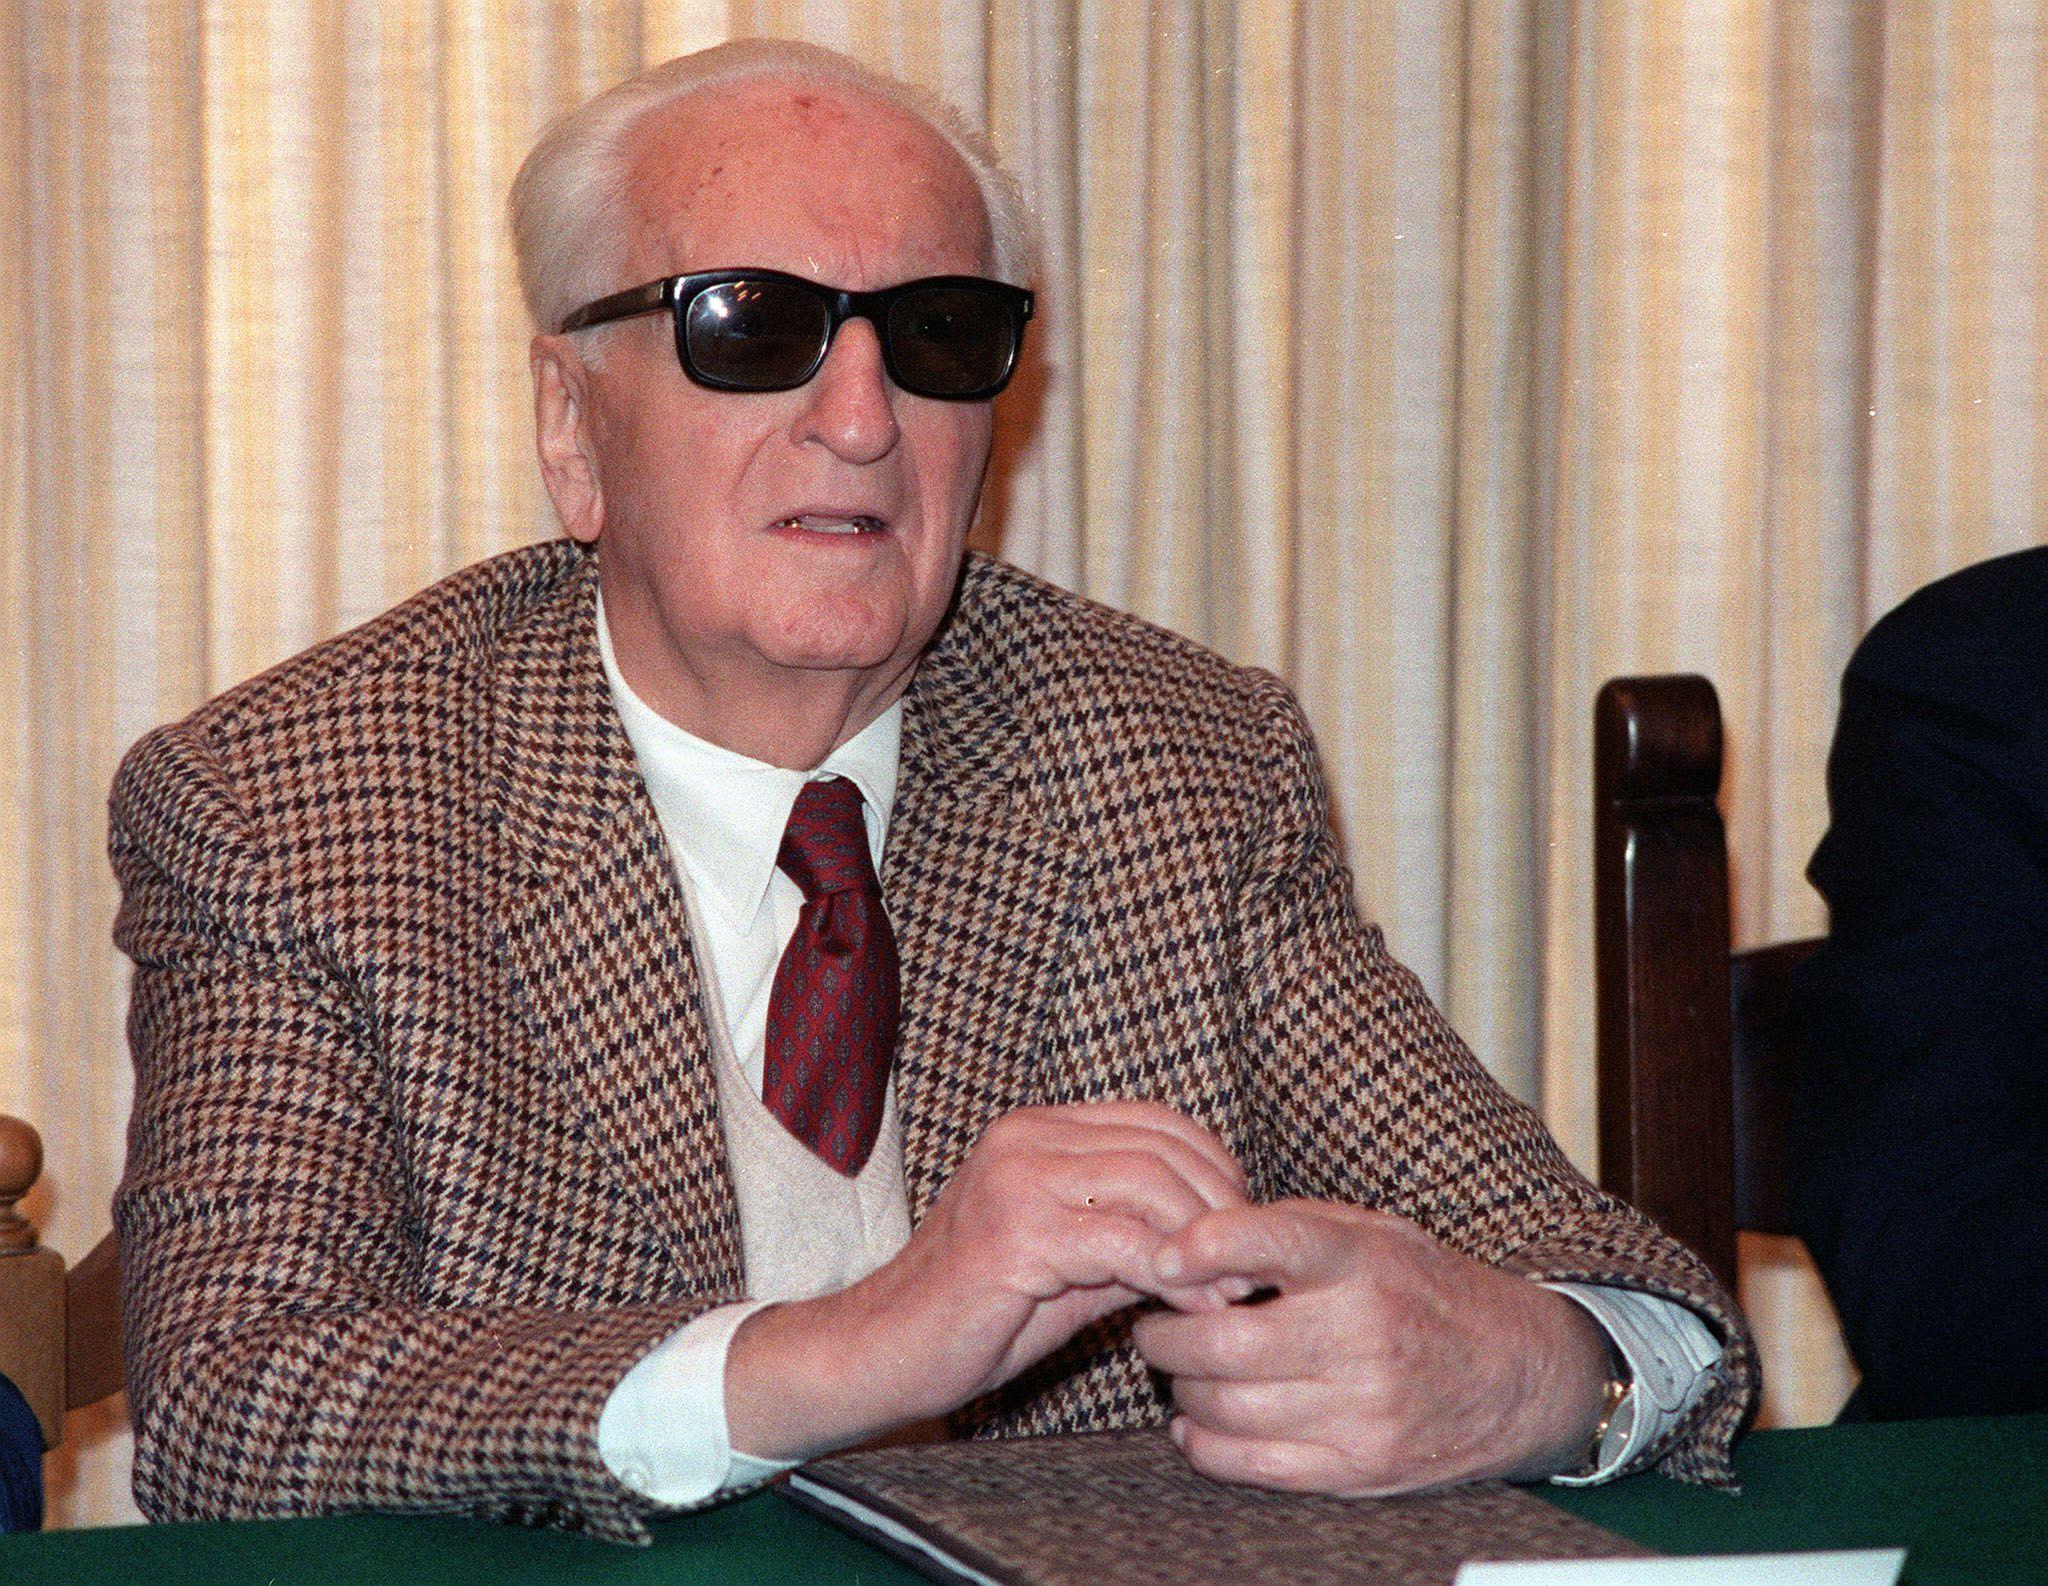 Két éve tervezték, hogy ellopják Enzo Ferrari koporsóját